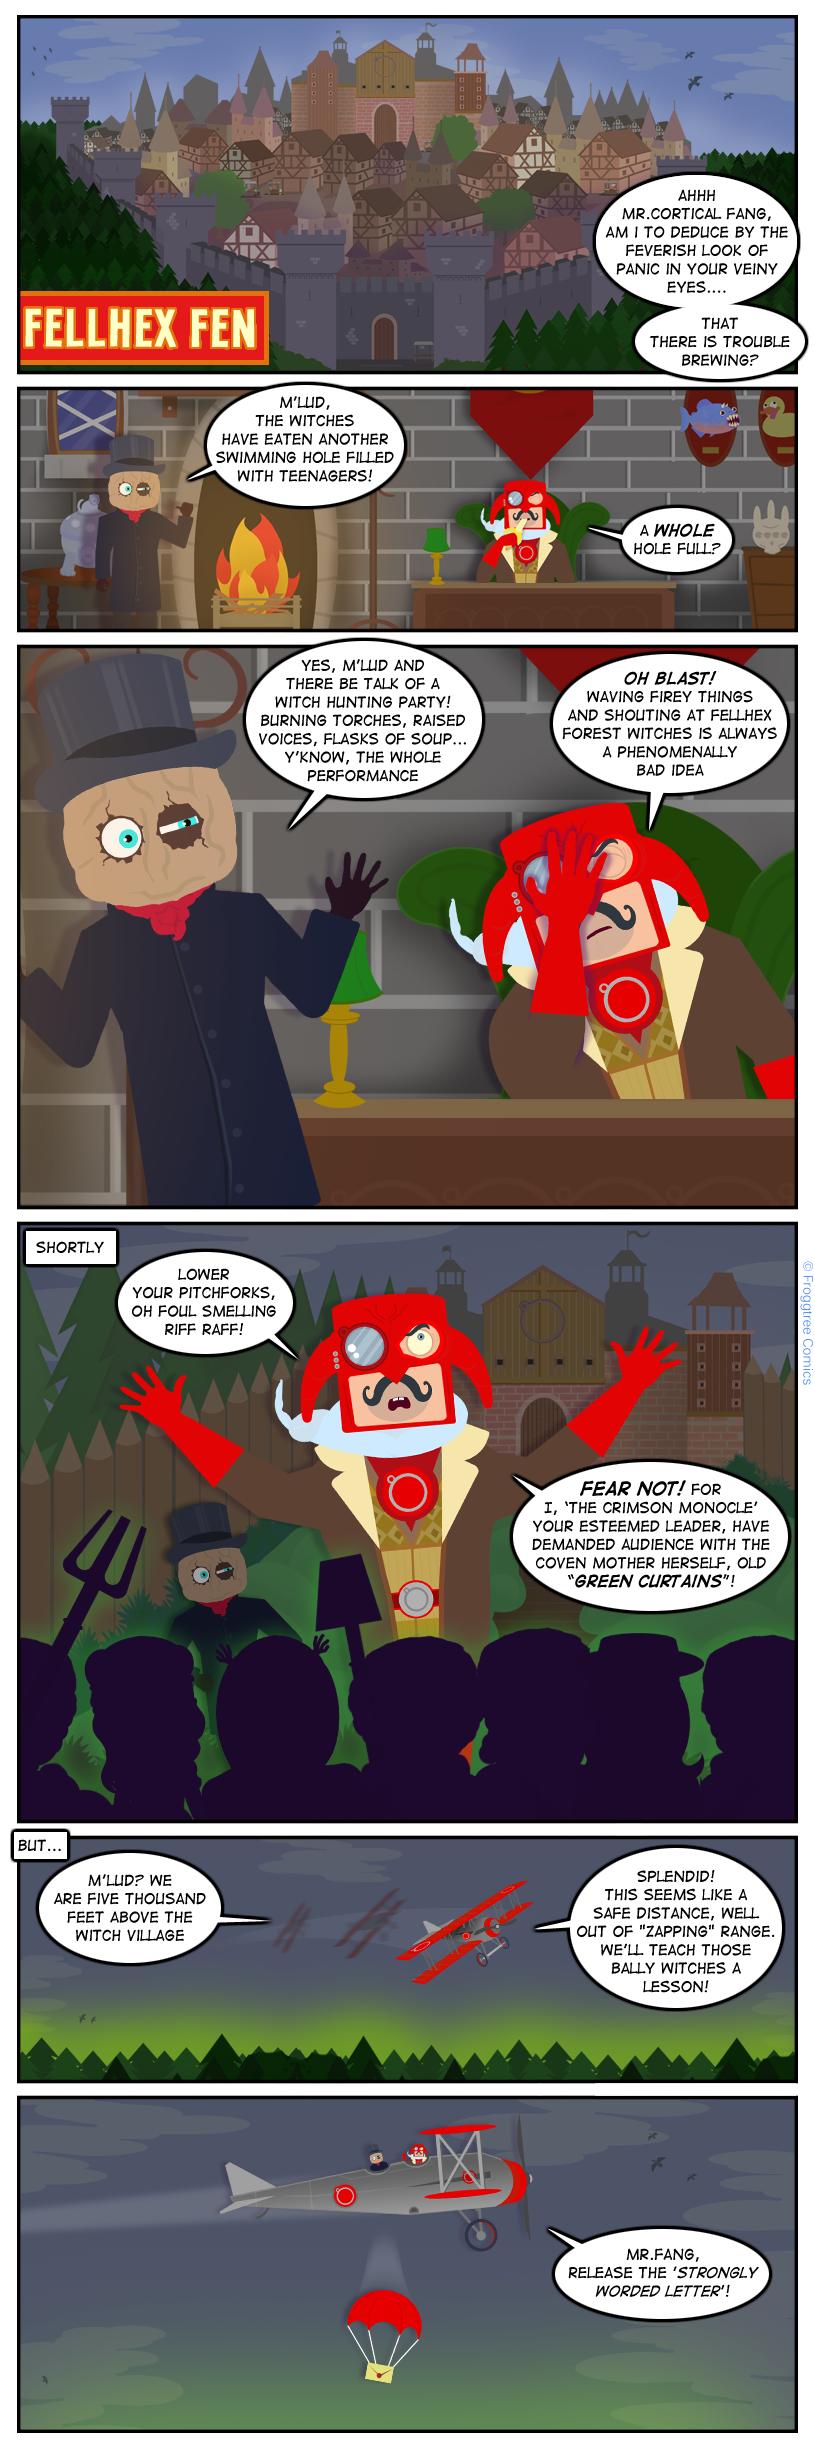 FellHex Fen: Coven Trouble